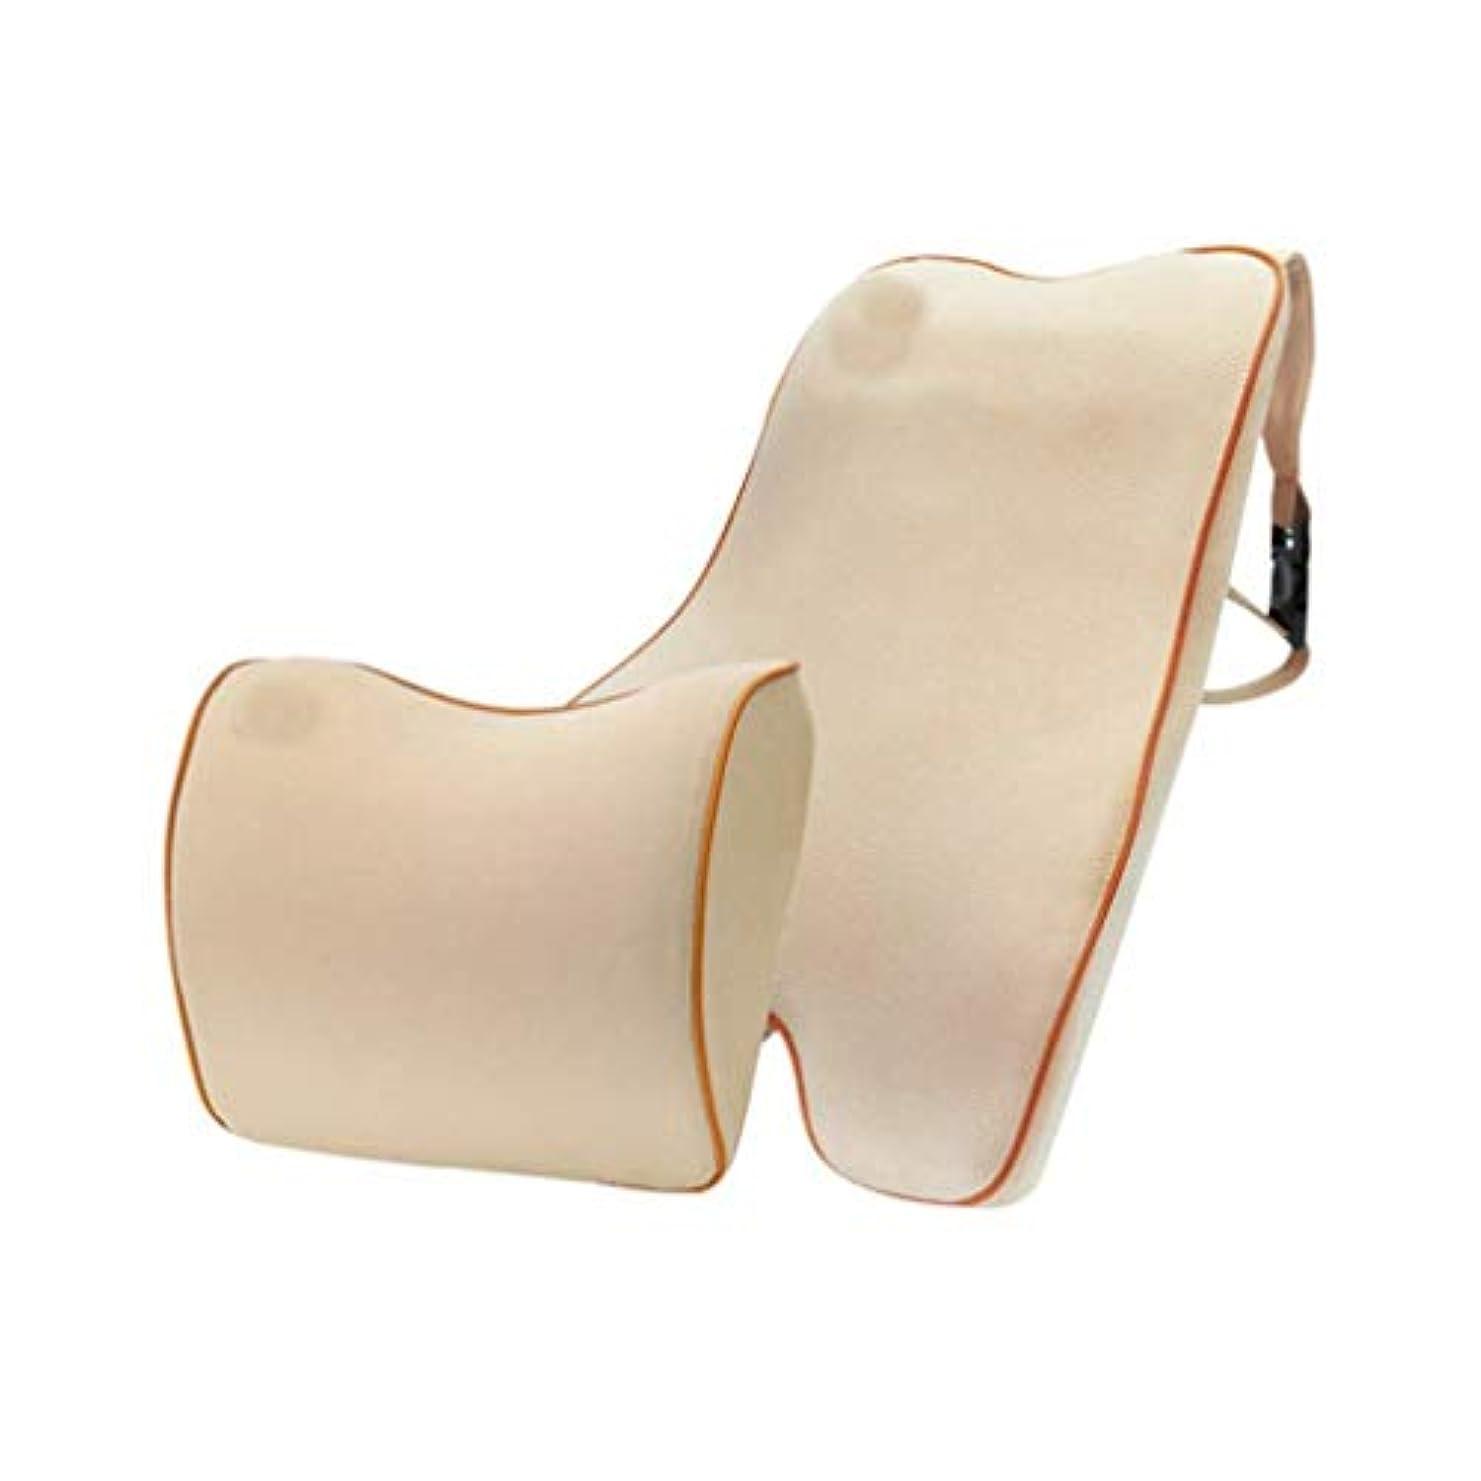 不十分な一般的にのり腰椎枕、首枕、低反発枕クッション腰椎サポート車のホームオフィスの椅子、人間工学に基づいた整形外科の設計は坐骨神経痛と尾骨の痛みを和らげます